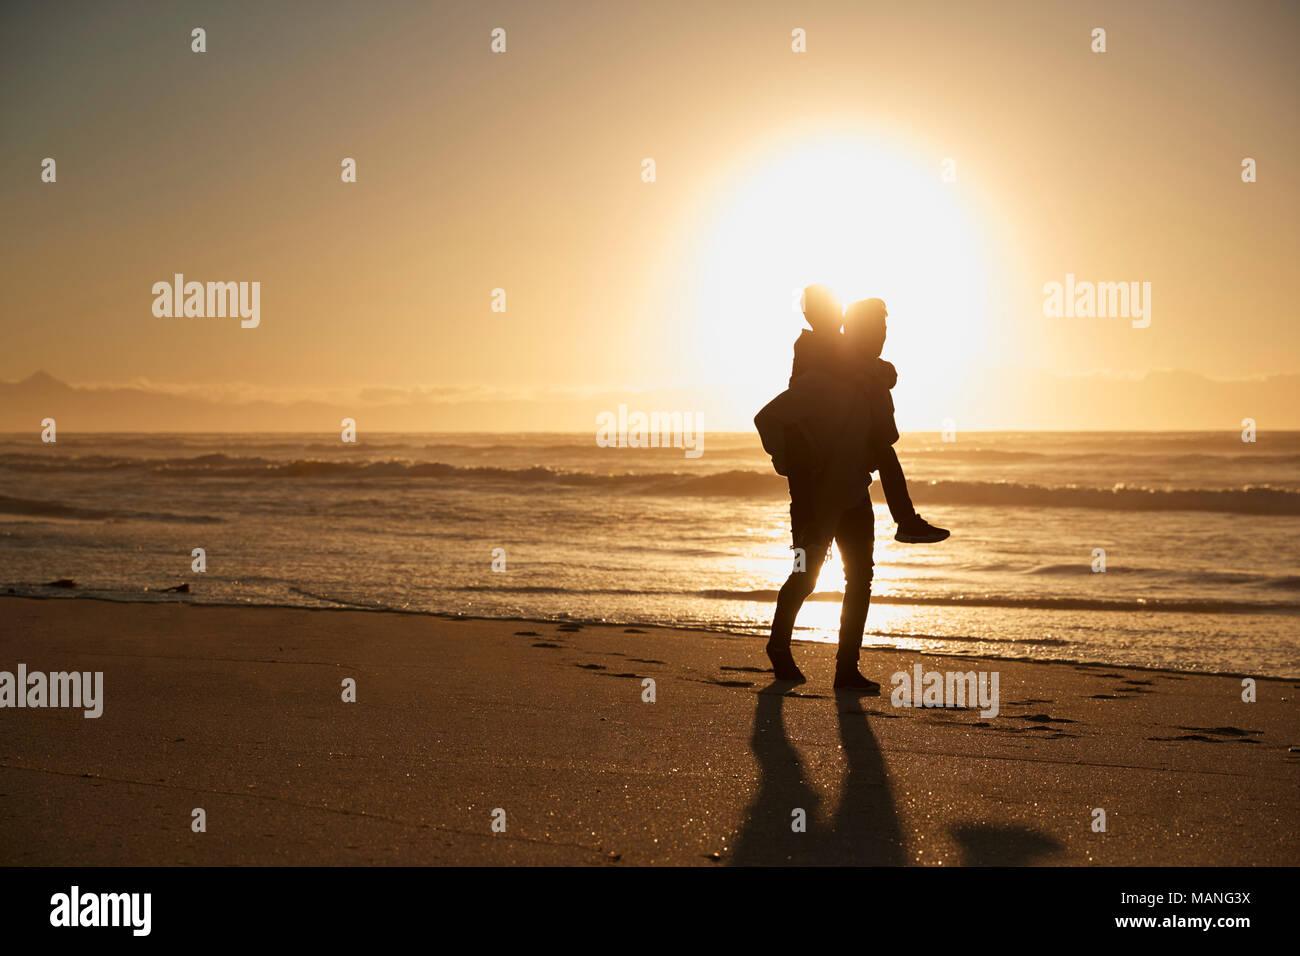 Silhouette di padre dando figlio piggyback sulla Spiaggia Invernale Immagini Stock